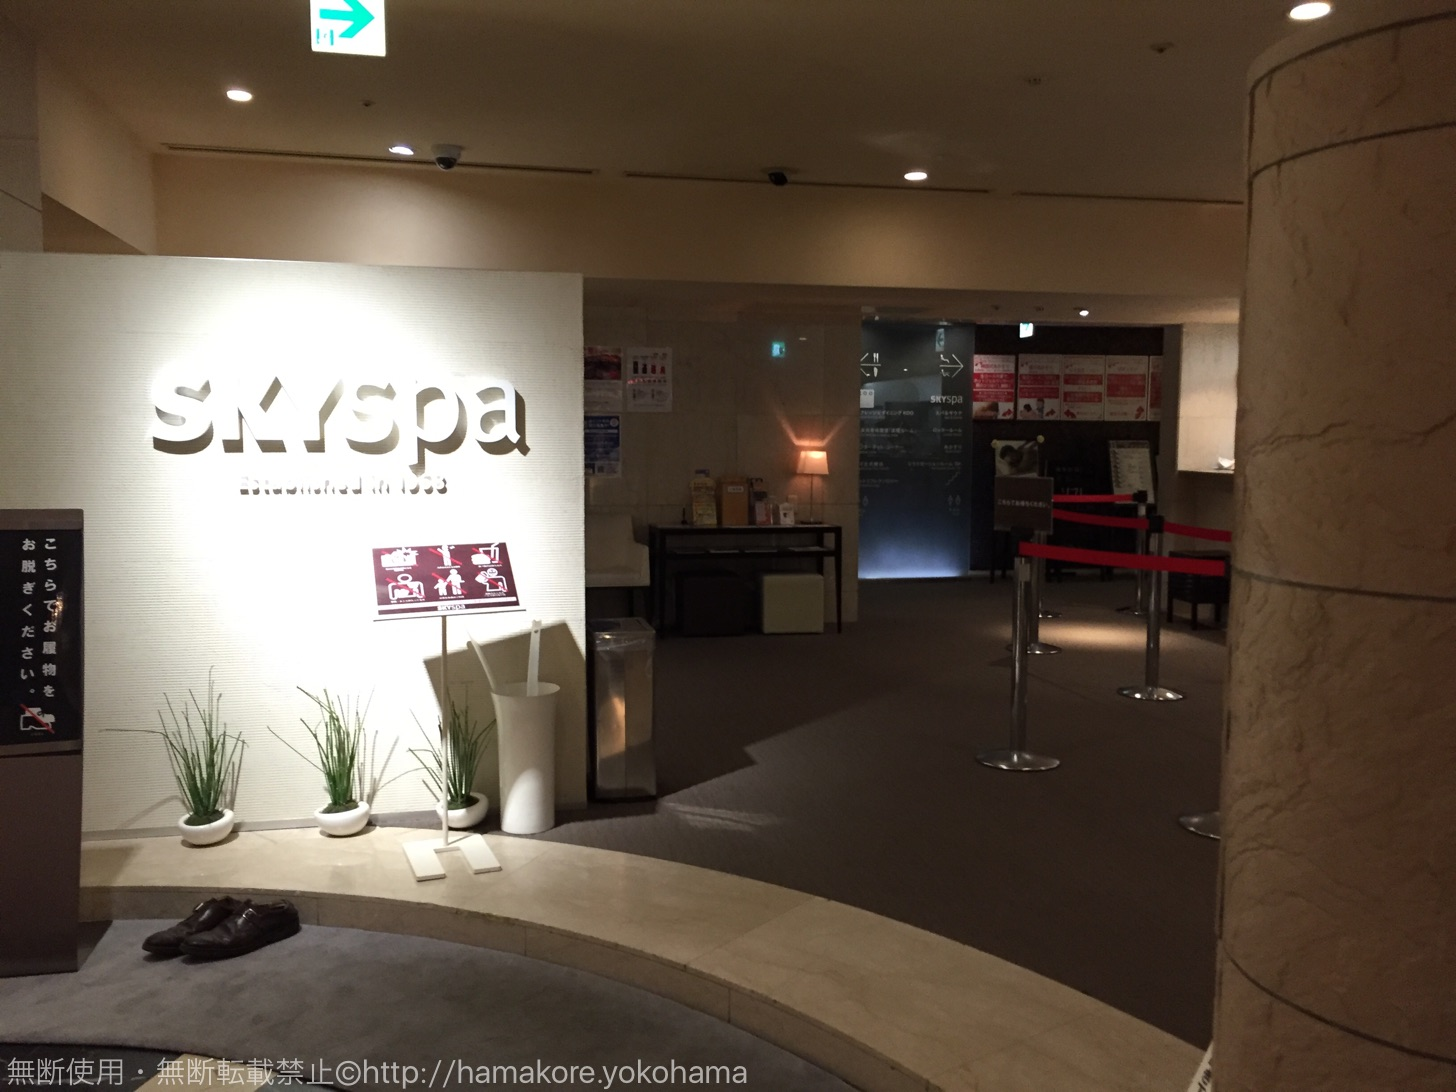 スカイスパ横浜がVR体験サービス「VRシアター」を開始!進撃の巨人や攻殻機動隊も